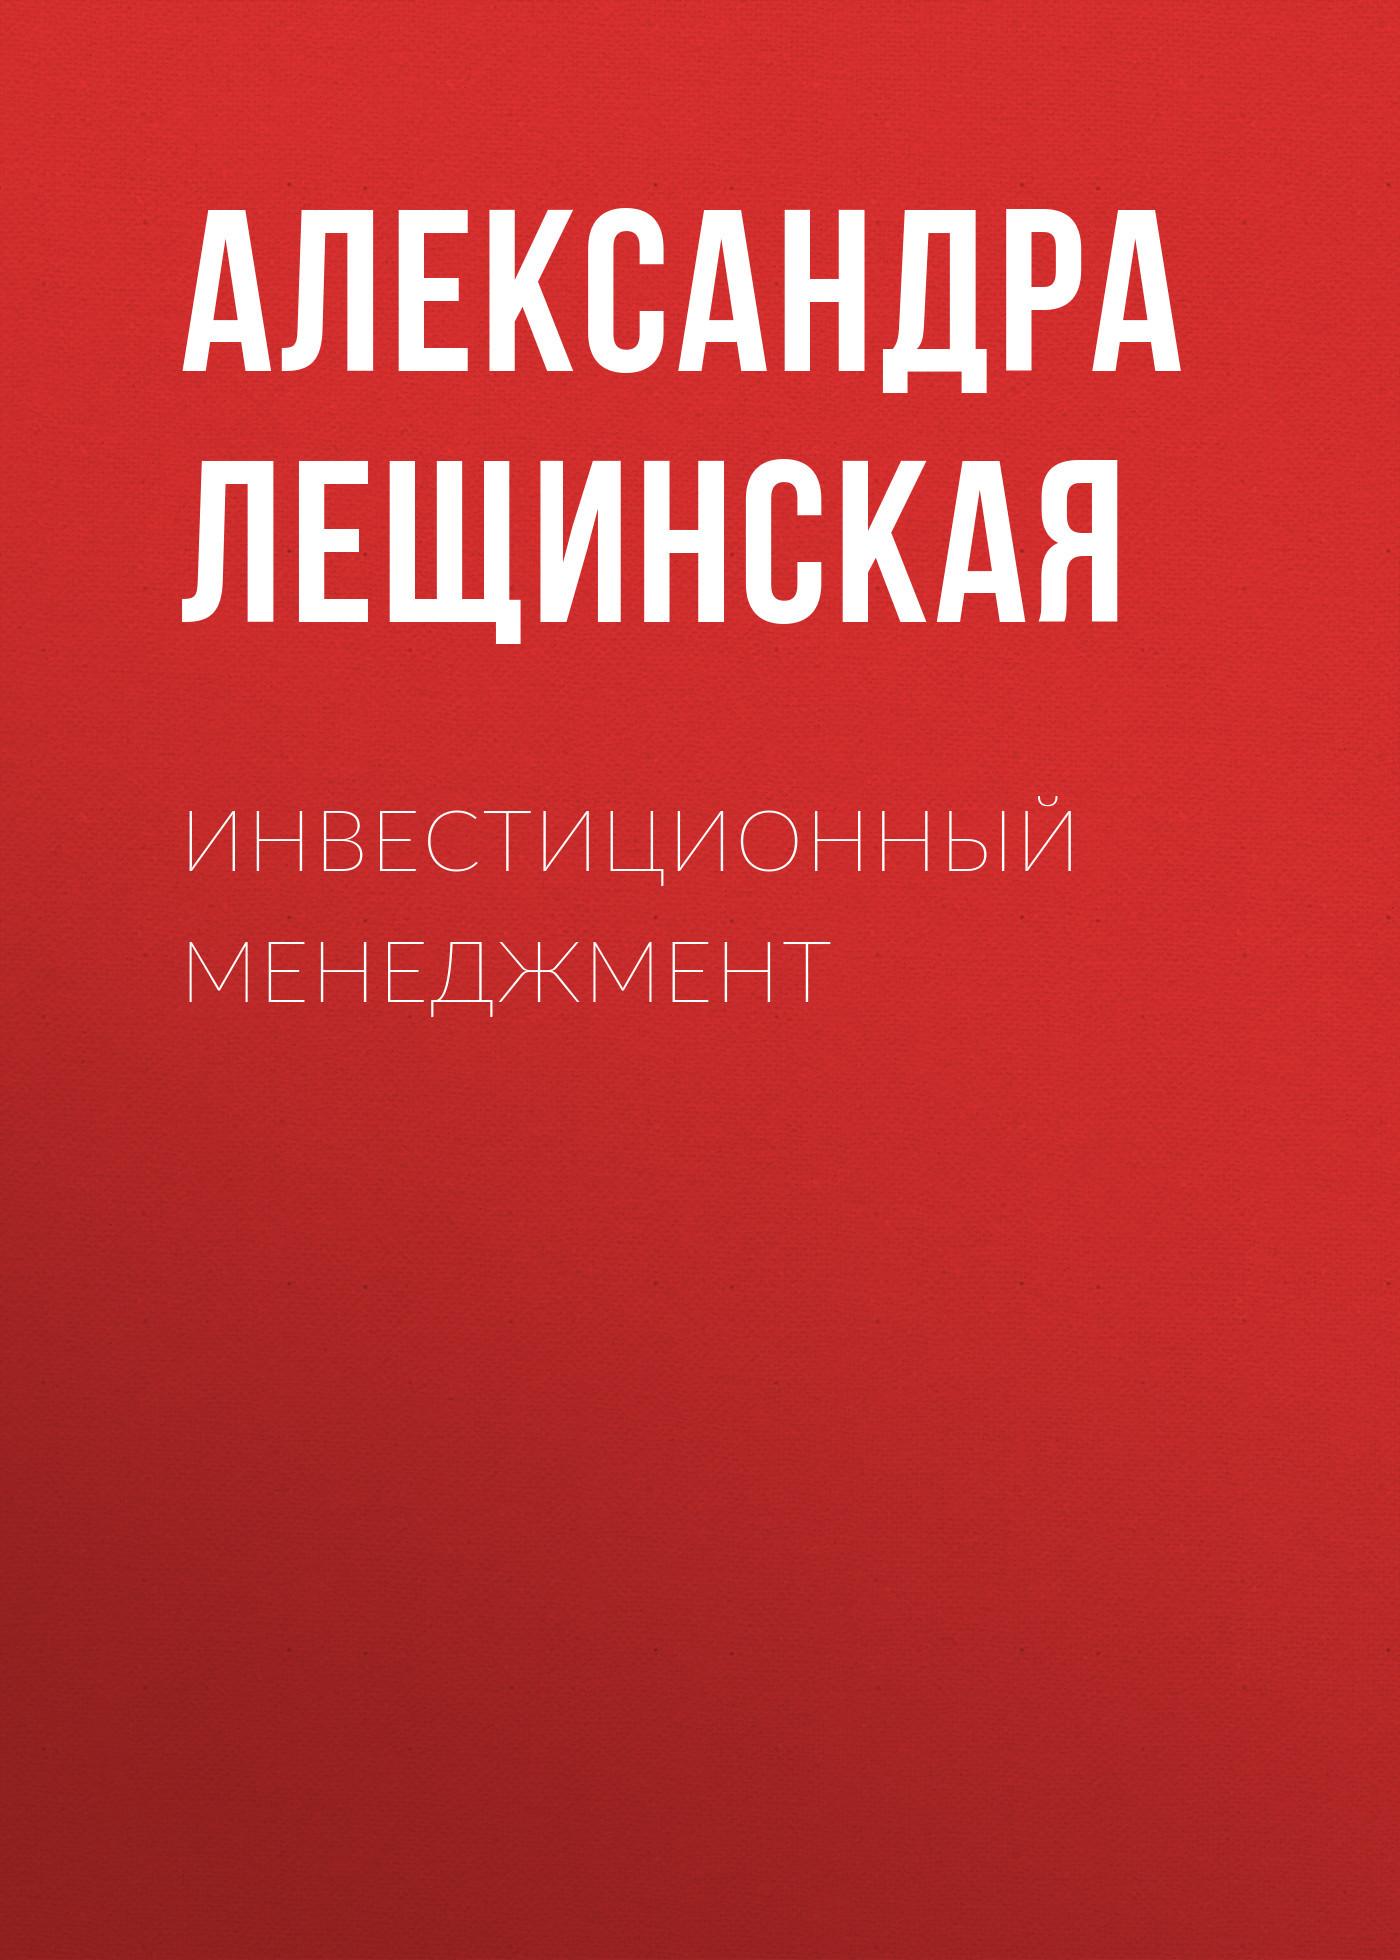 Александра Лещинская. Инвестиционный менеджмент